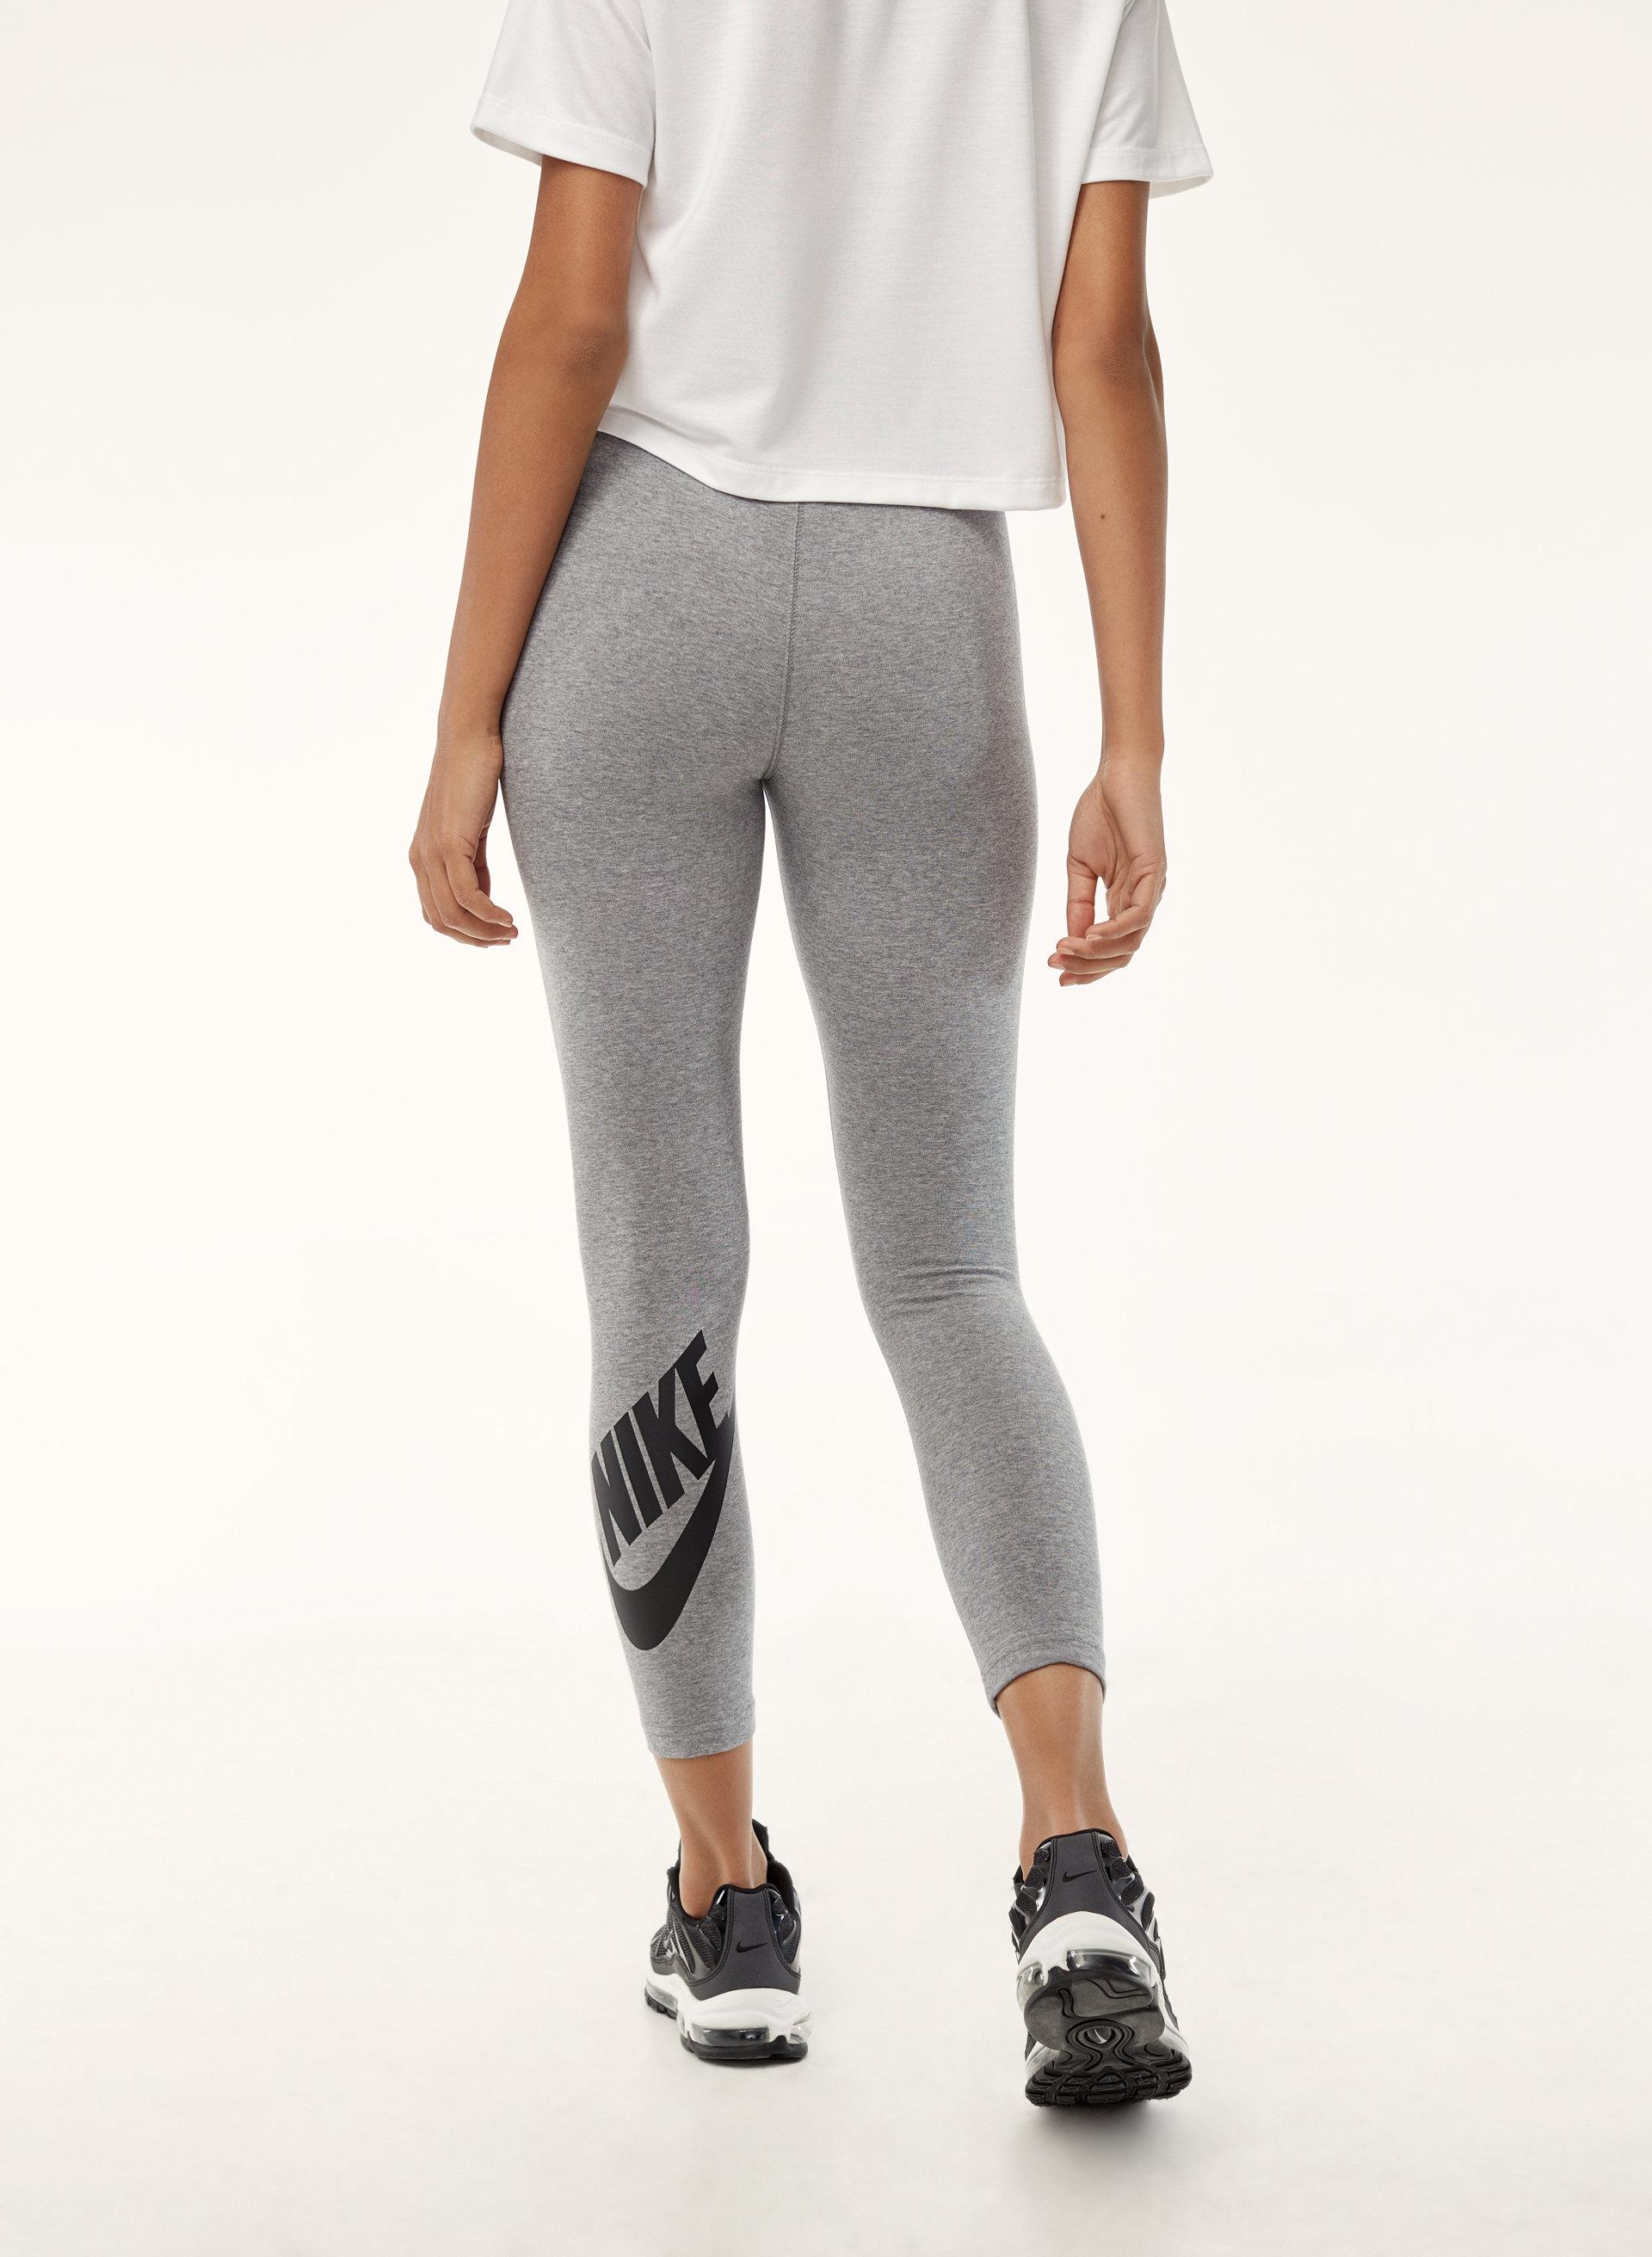 e0116f4c1a7d3 Nike LEGASEE CROP LEGGING | Aritzia US